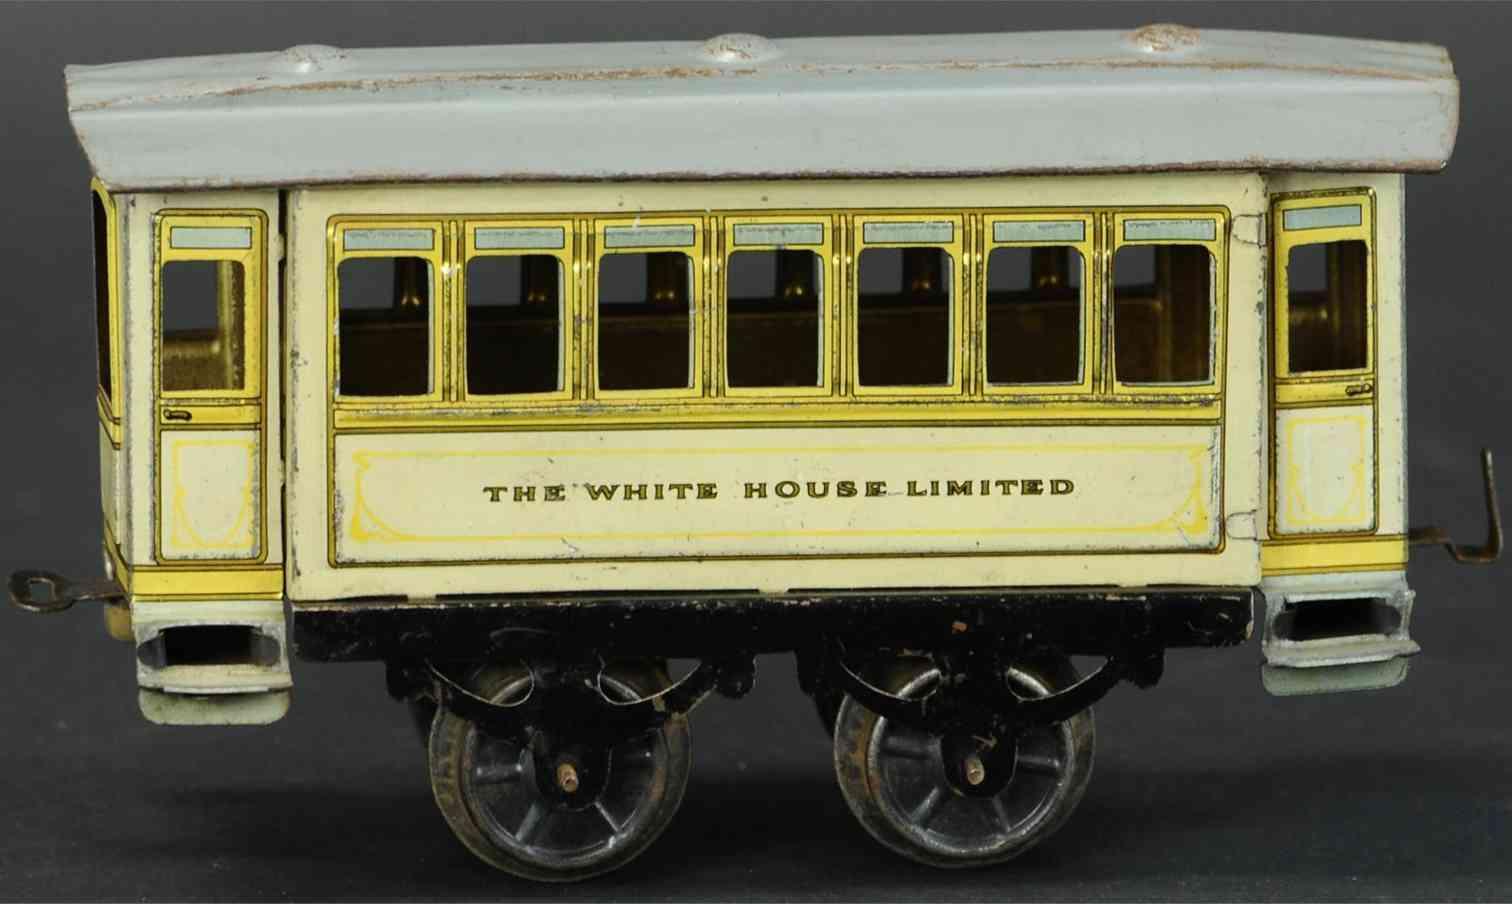 issmayer spielzeug eisenbahn personenwagen the white house limited spur 1